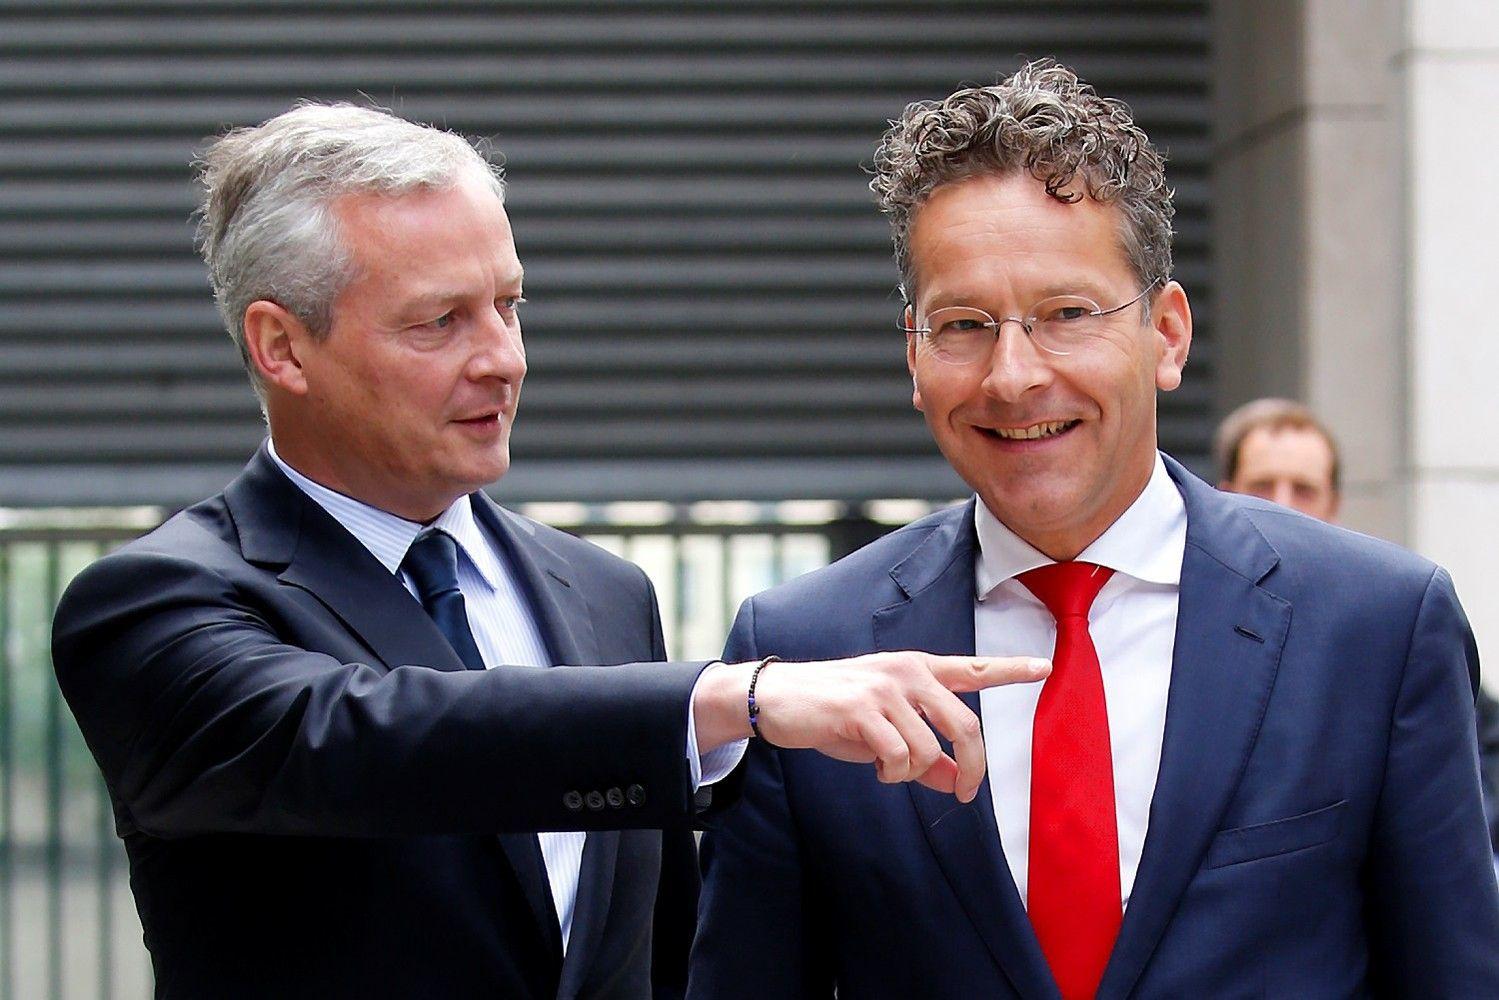 Euro zonos ministraigaliausiai sutarė dėl Graikijos